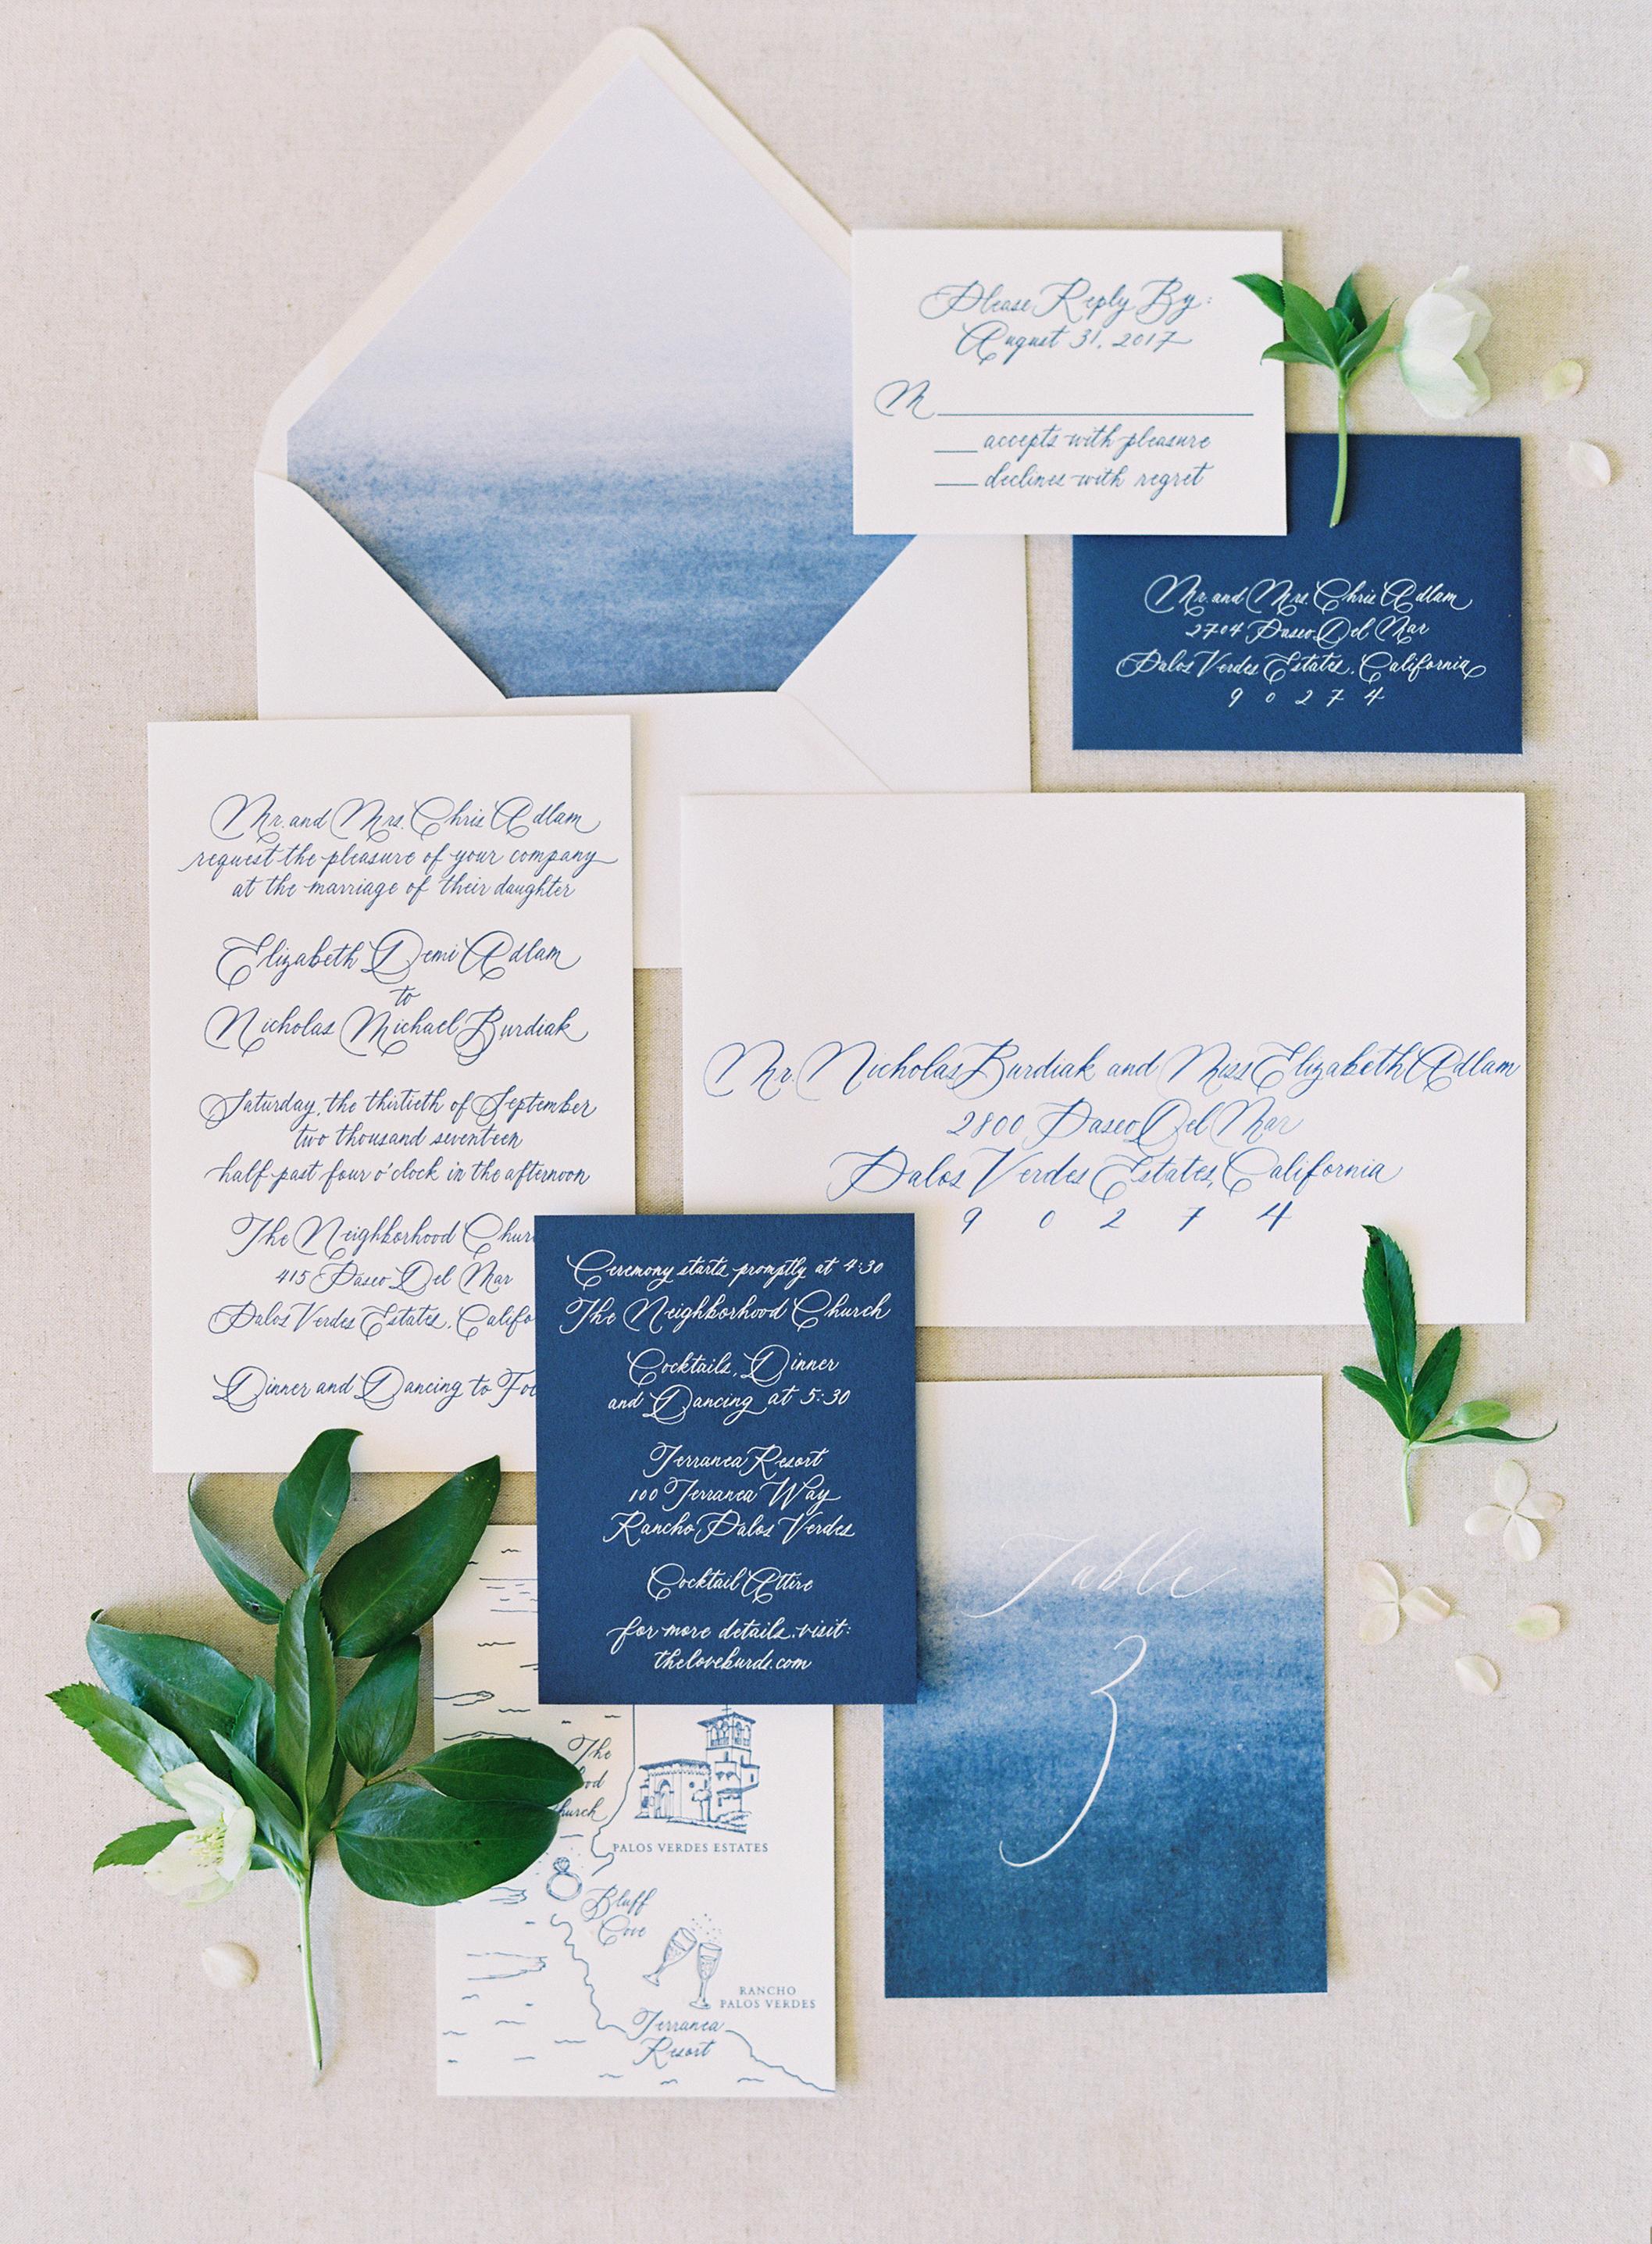 burdiak-wedding-628.jpg